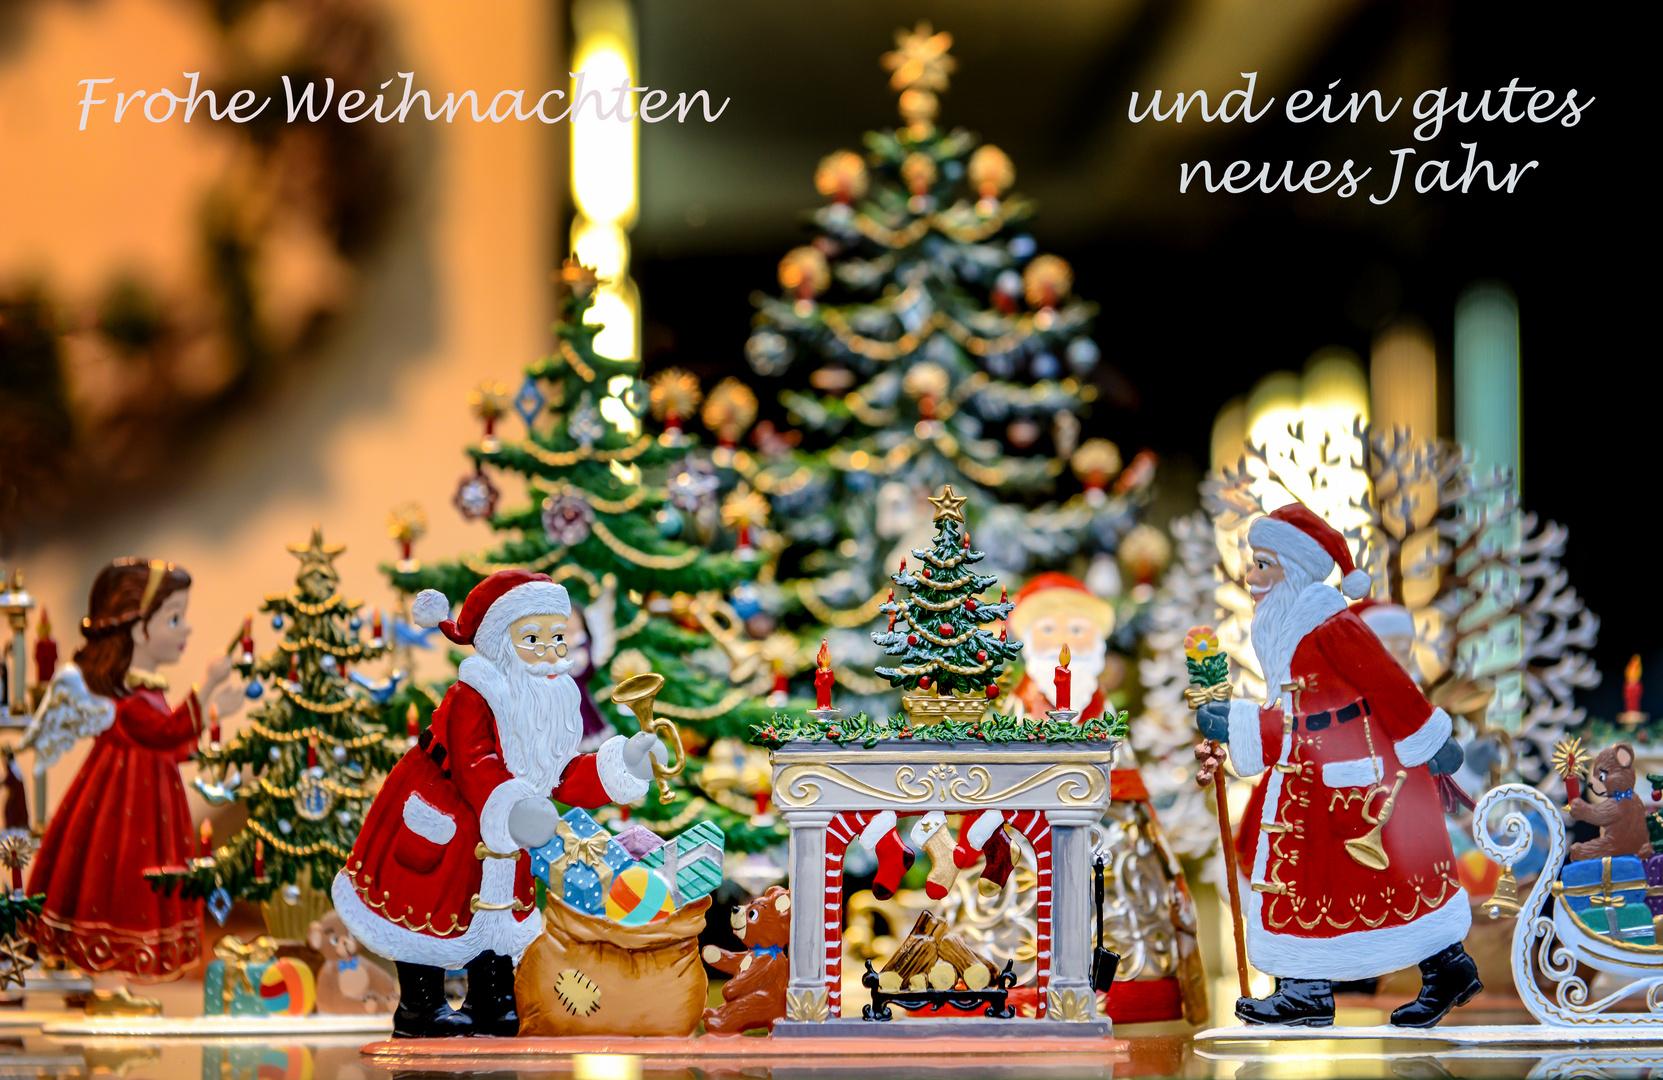 weihnachtsgr e foto bild spezial deutschland. Black Bedroom Furniture Sets. Home Design Ideas